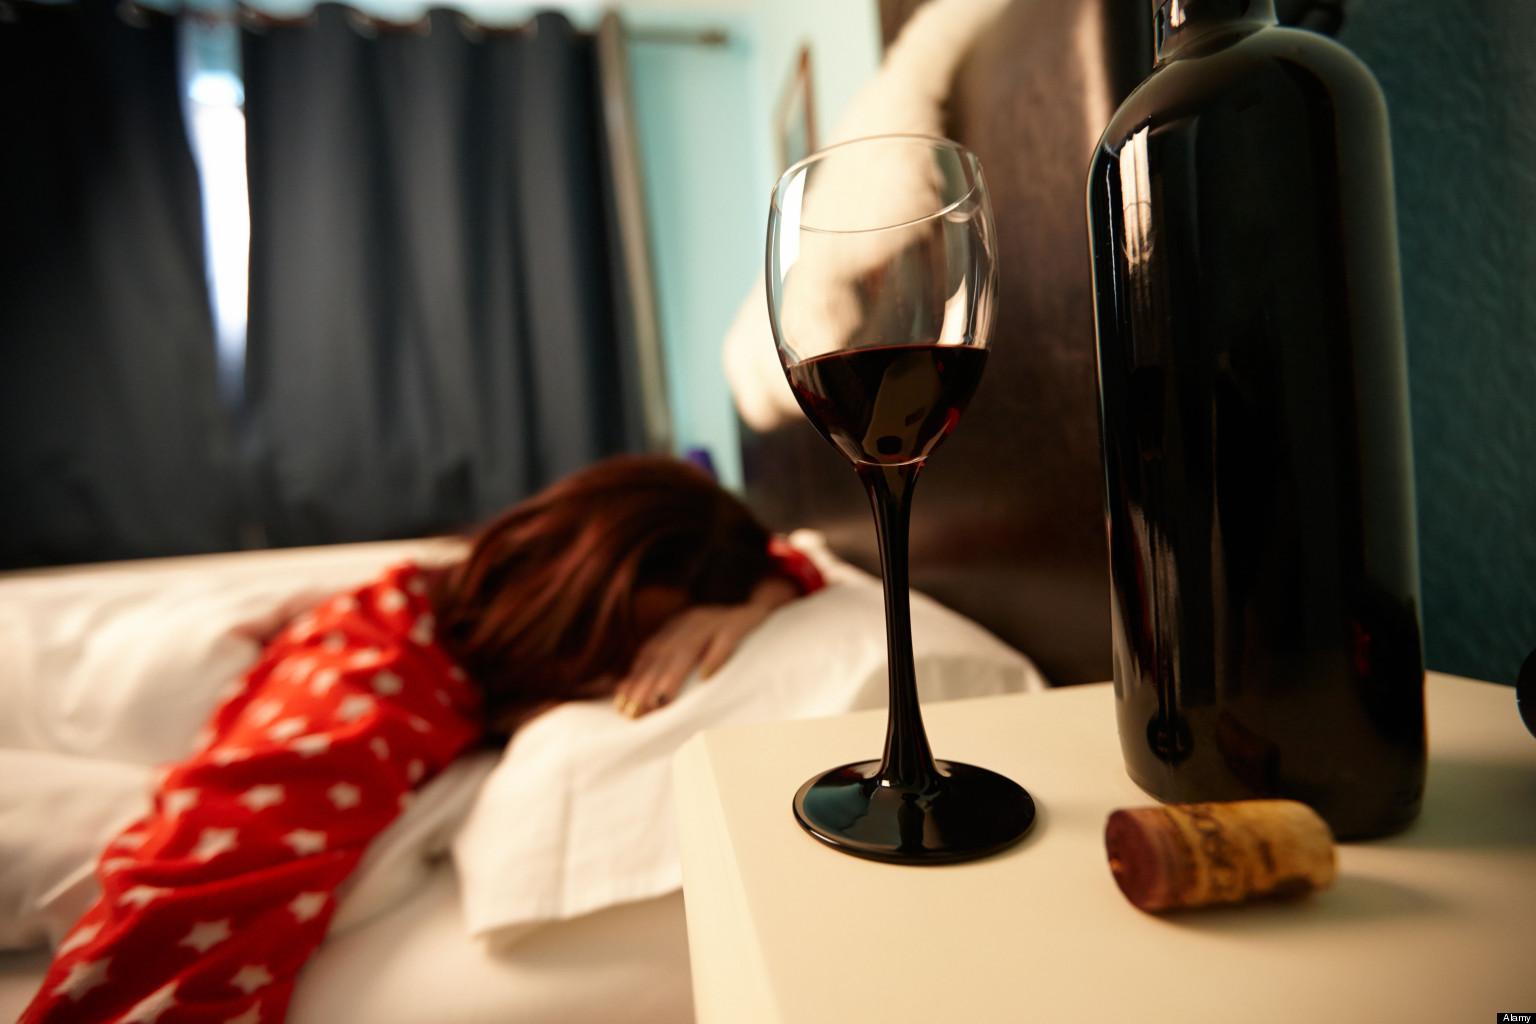 вино и спящая женщина